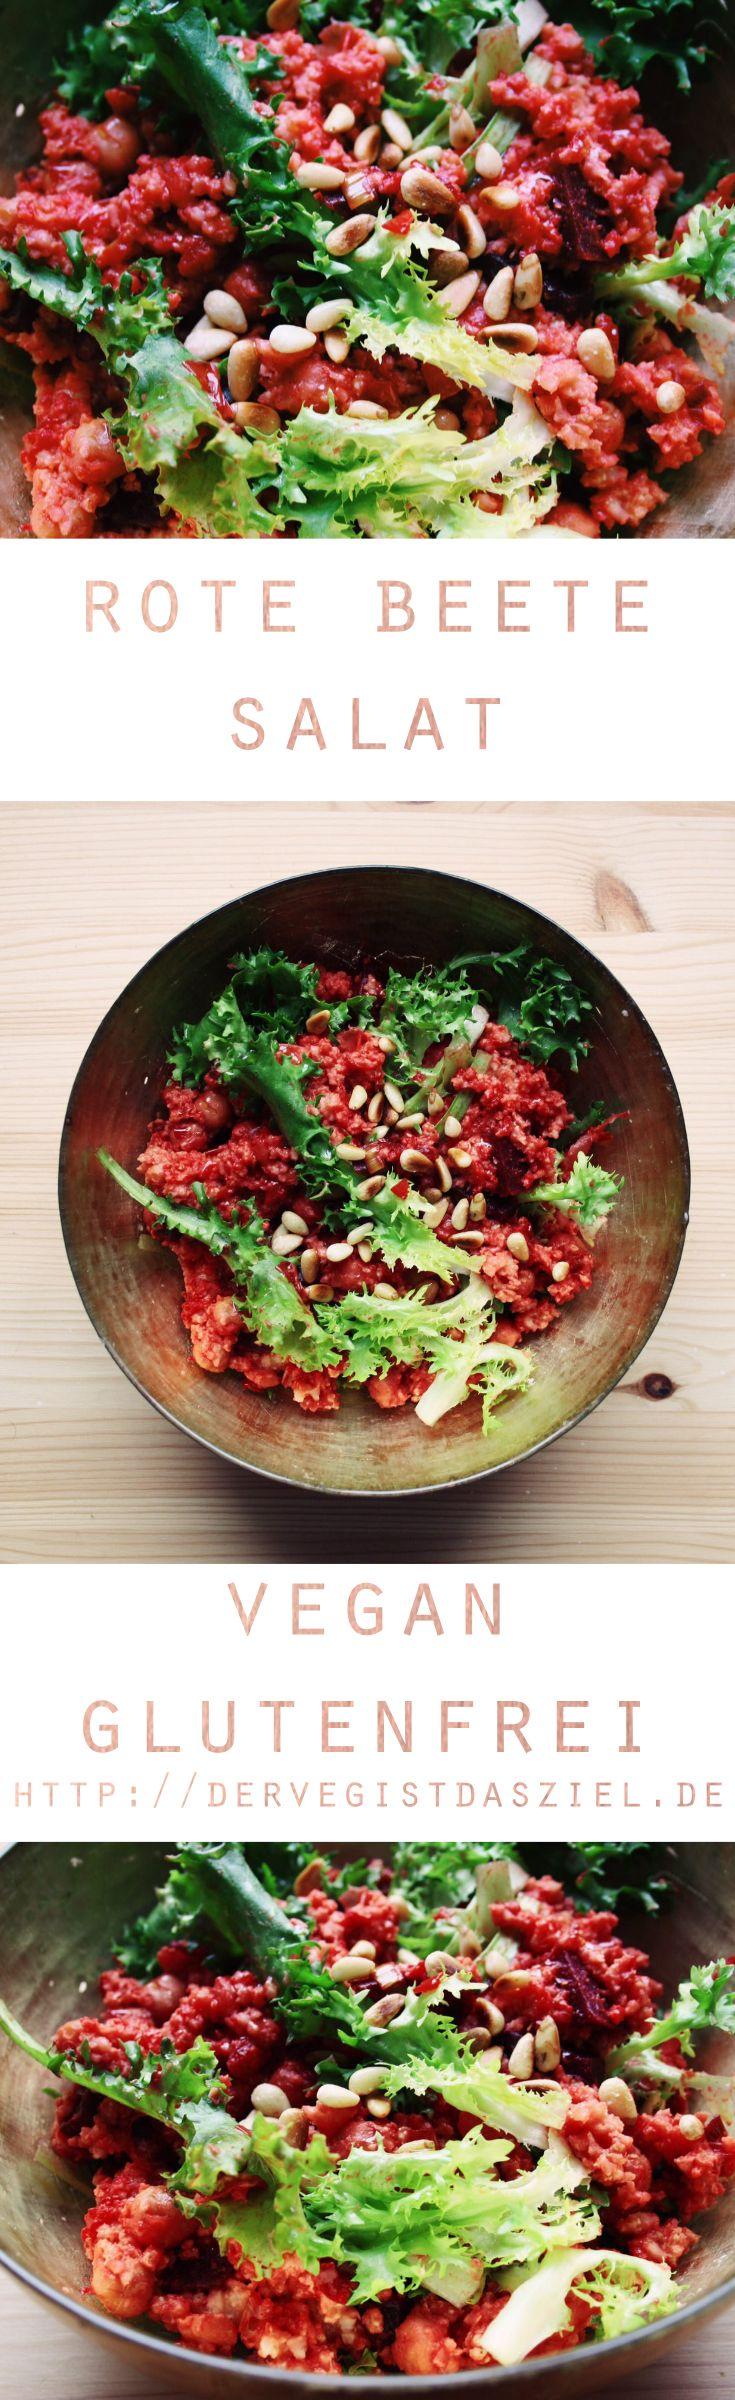 Rote Beete Salat, Rote Bete Salat